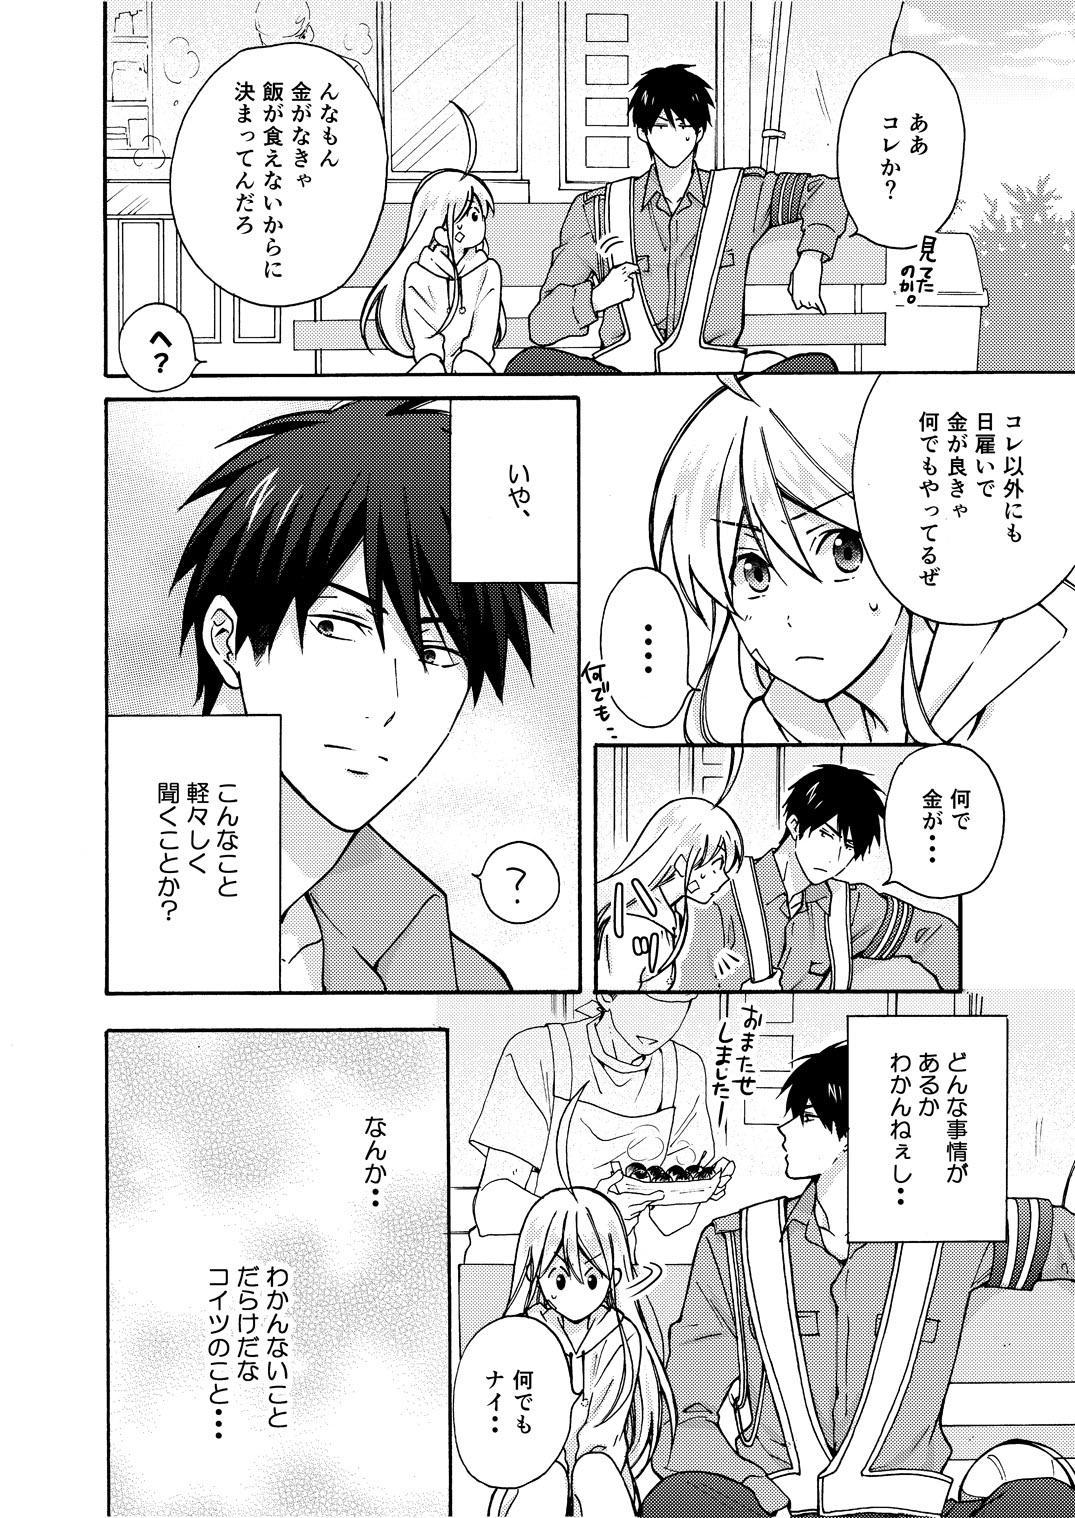 Nyotaika Yankee Gakuen ☆ Ore no Hajimete, Nerawaretemasu. 9 14